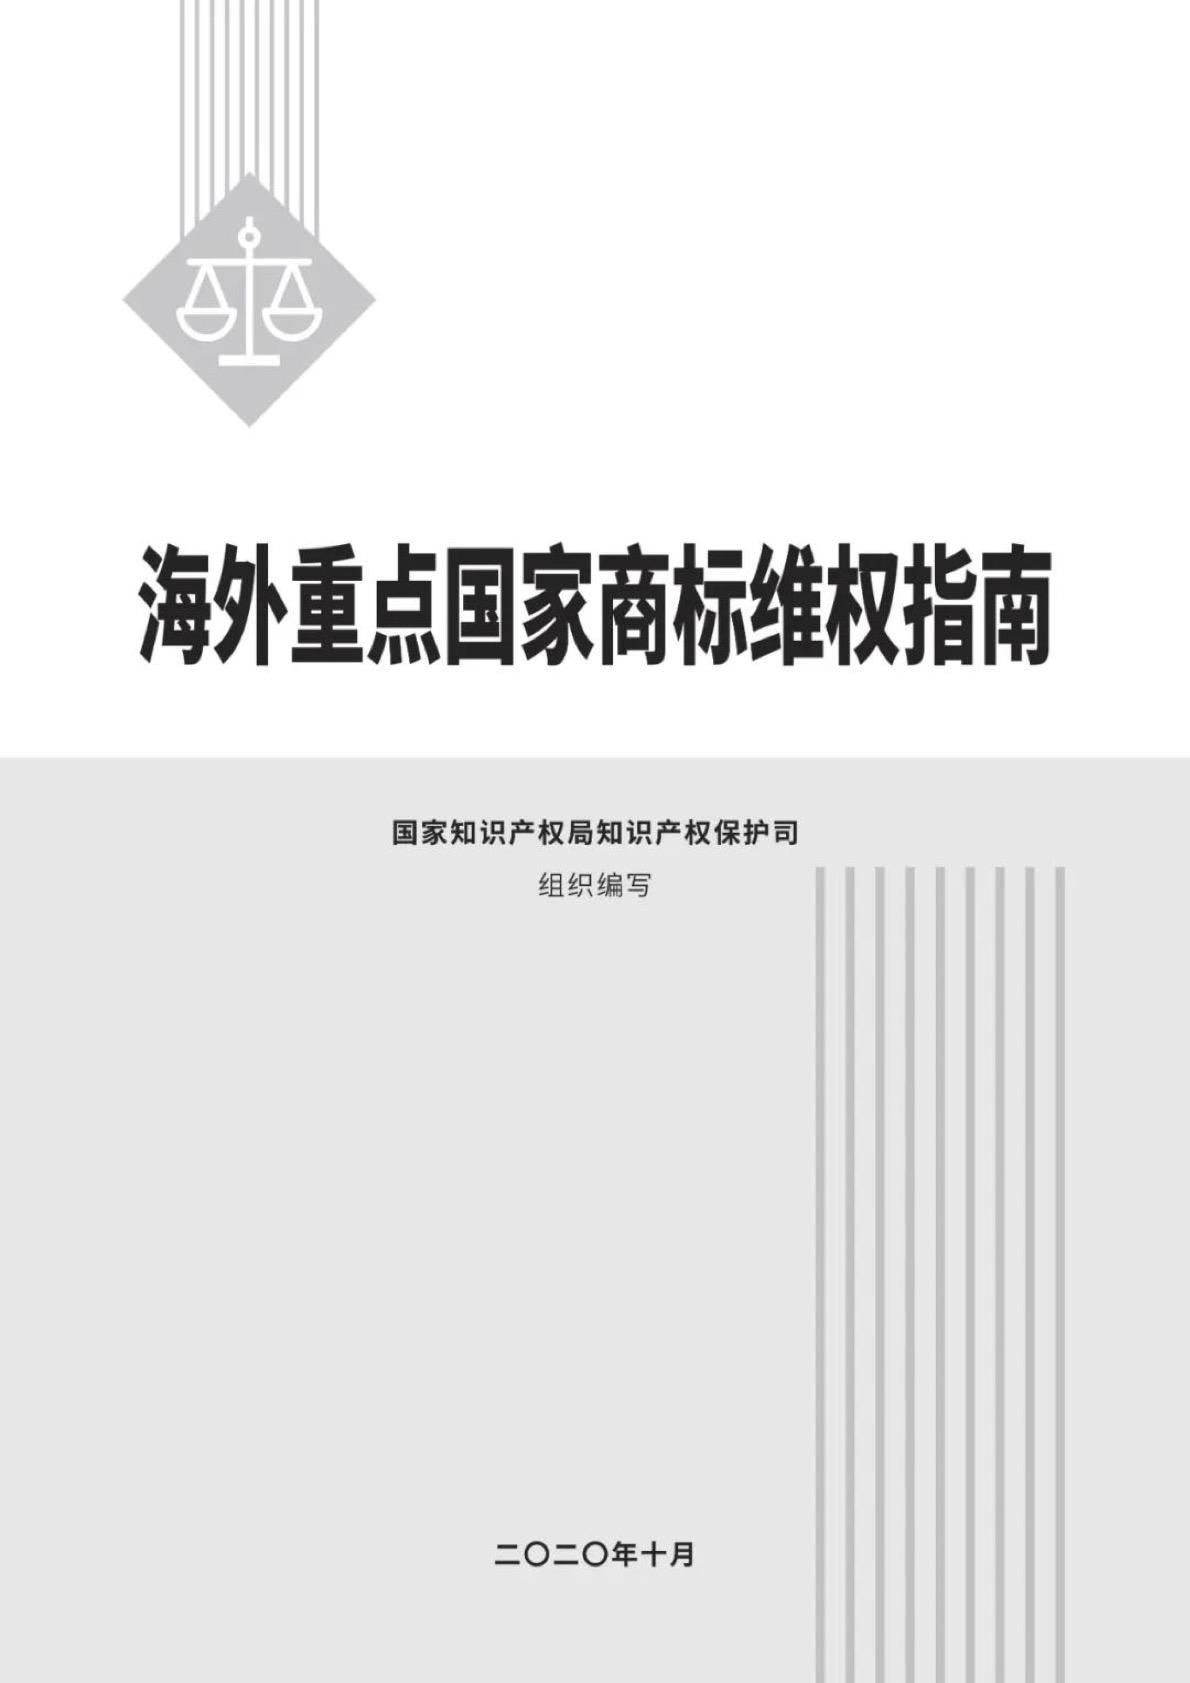 《海外重点国家商标维权指南》PDF全文